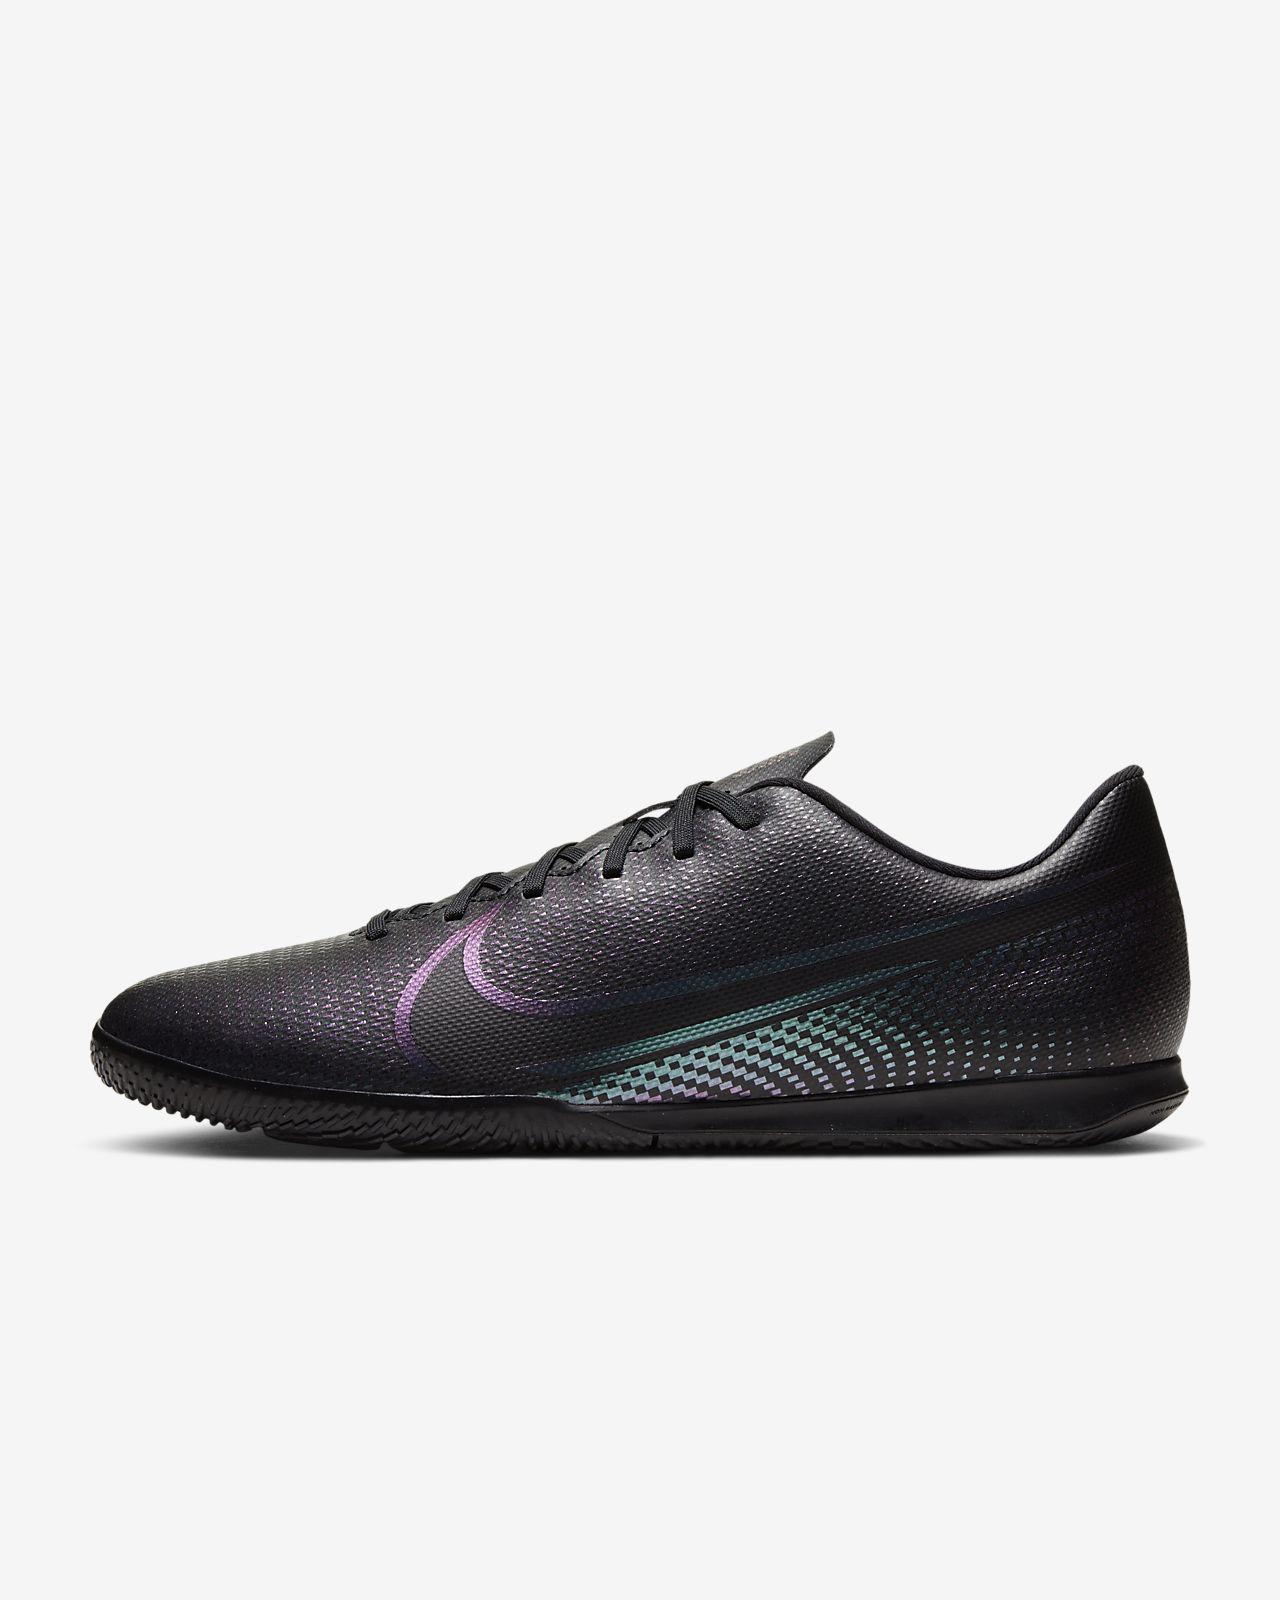 Nike Mercurial Vapor 13 Club IC Kapalı Saha/Salon Kramponu